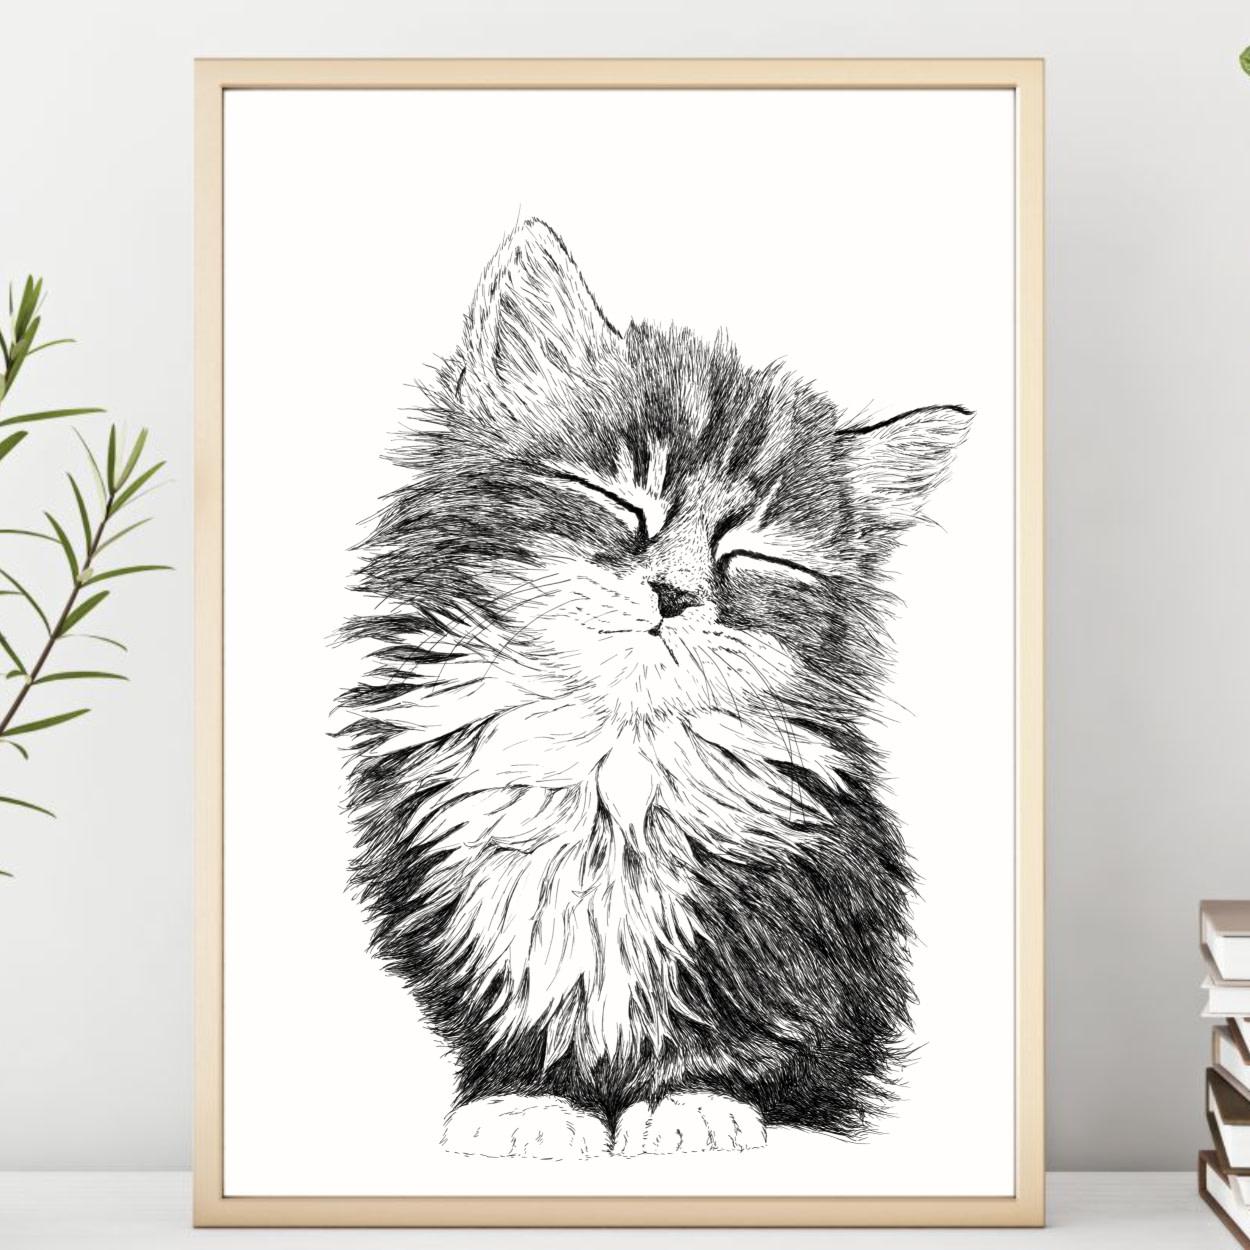 Plakater med dyr - Kattekilling